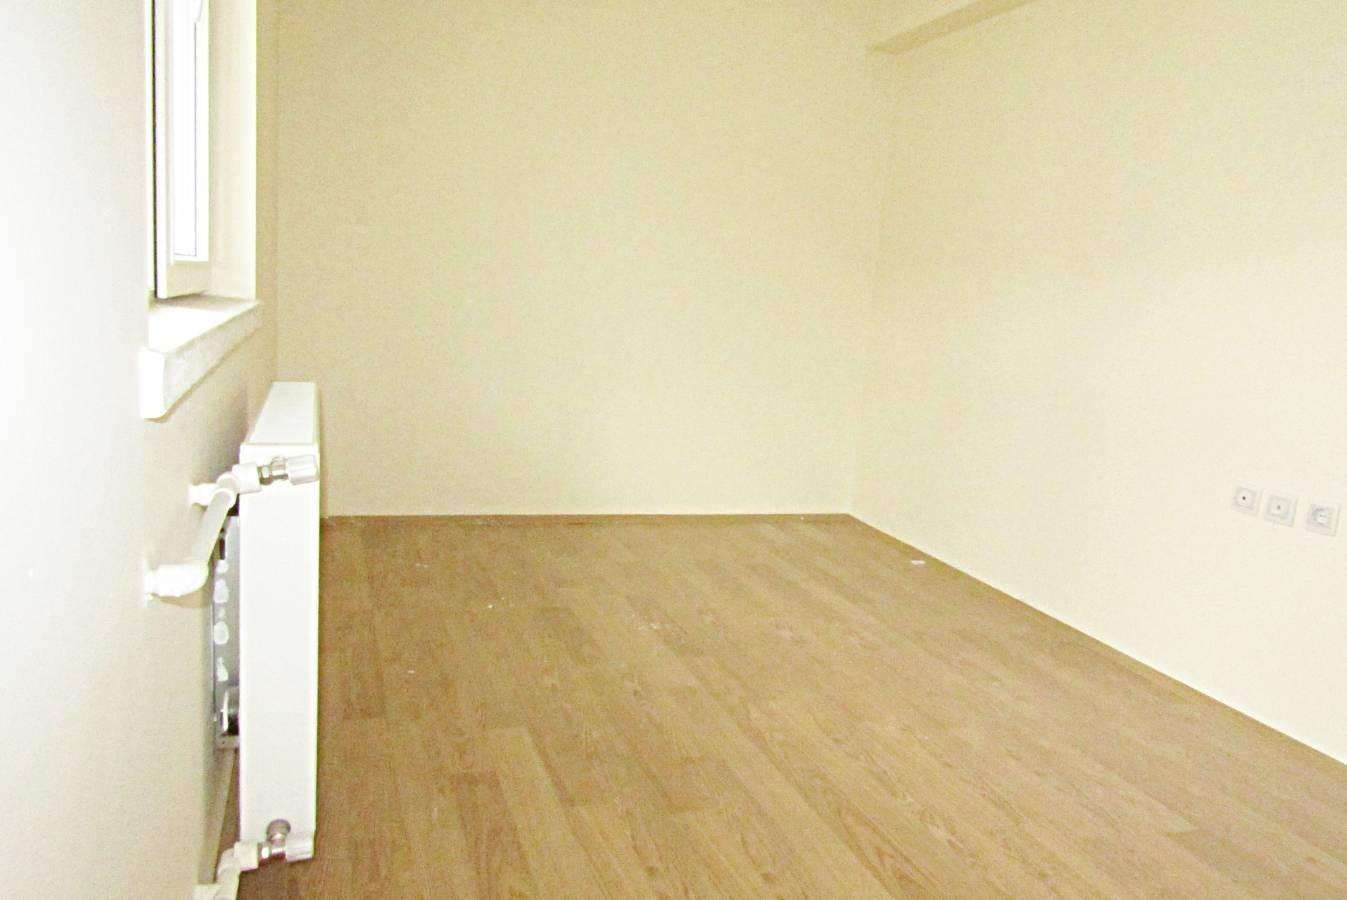 SR EMLAK'TAN PİYADE MAH'DE 3+1 115 m² KATTA BAĞIMSIZ CADDEYE YAKIN ÖN CEPHE DAİRE